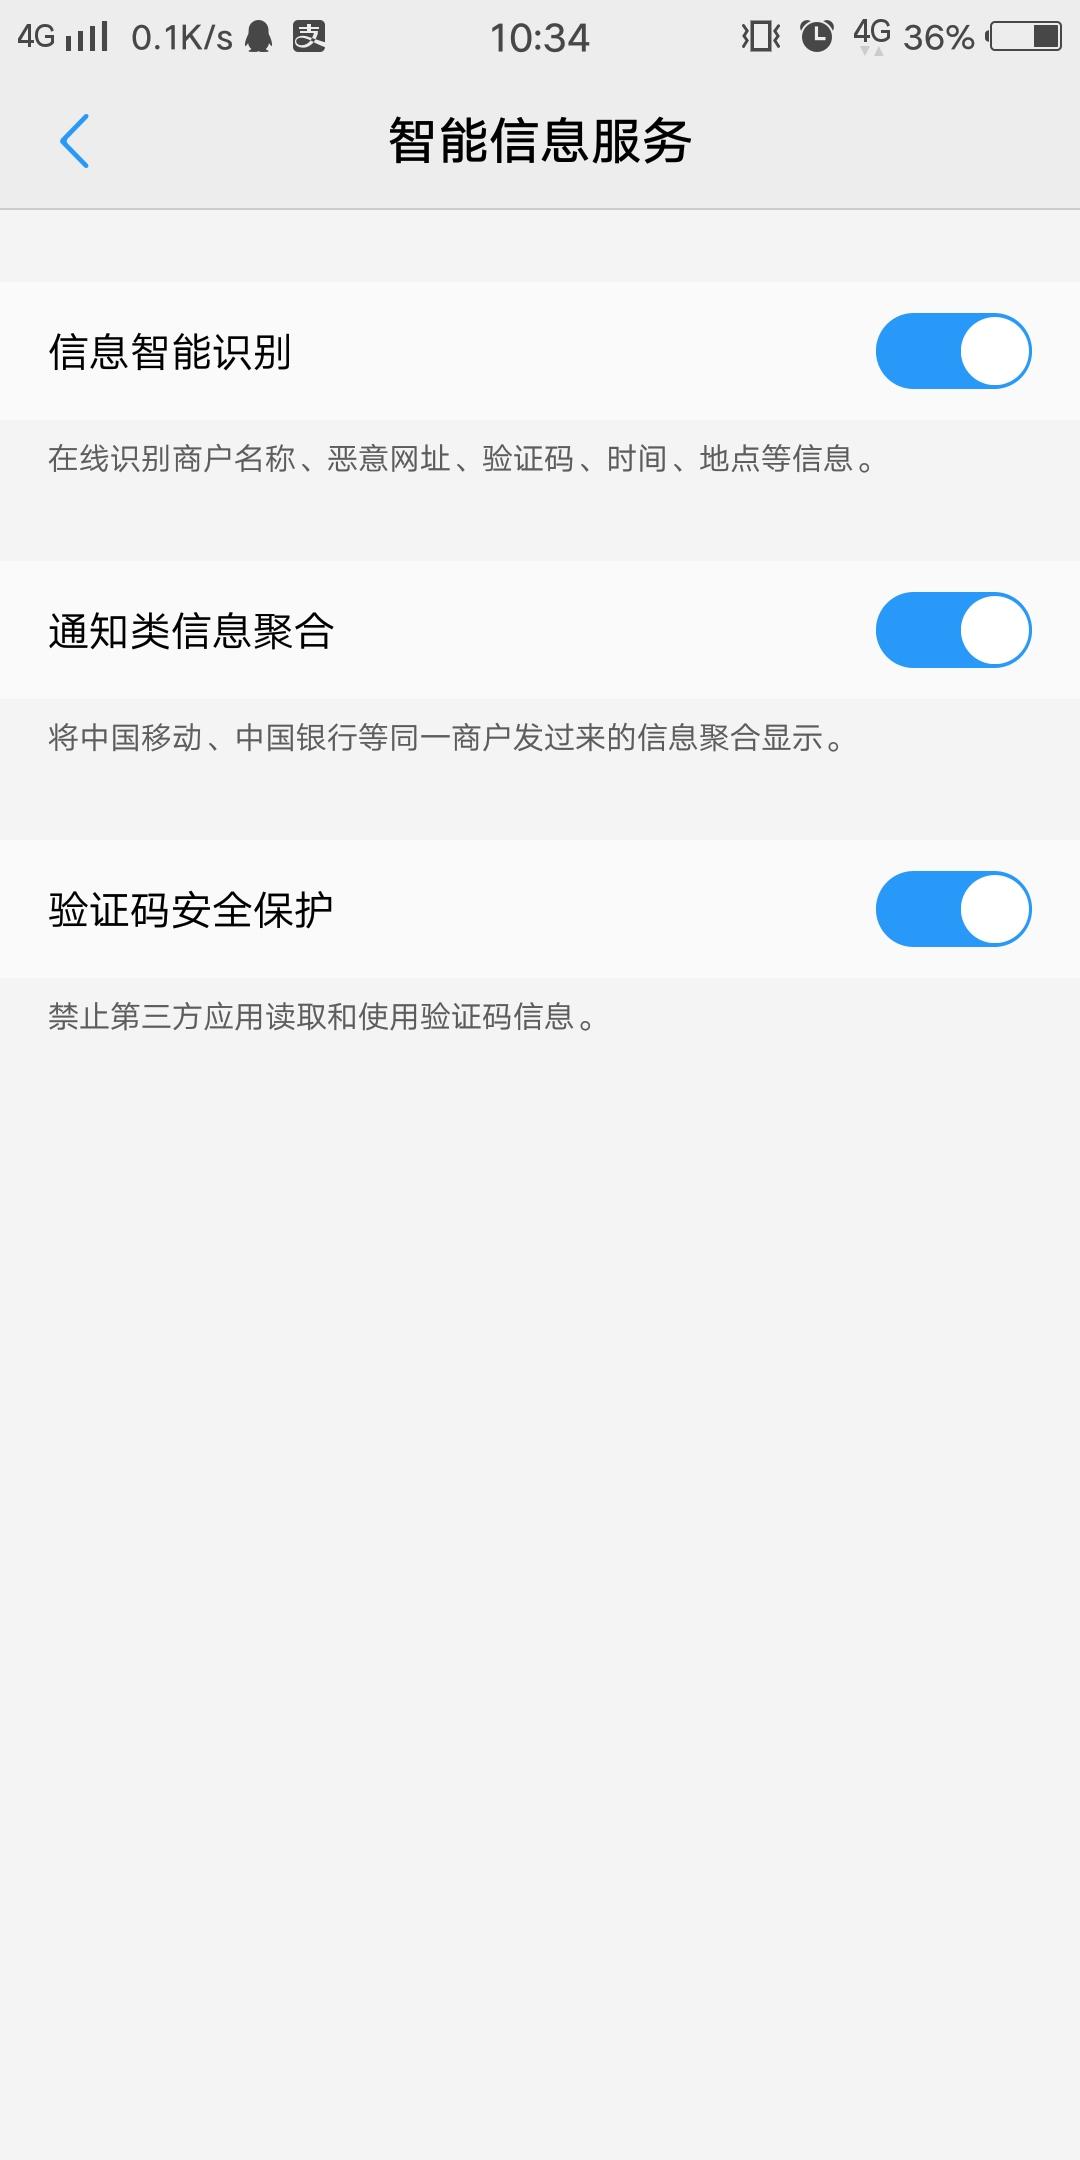 Screenshot_20171205_103447.jpg